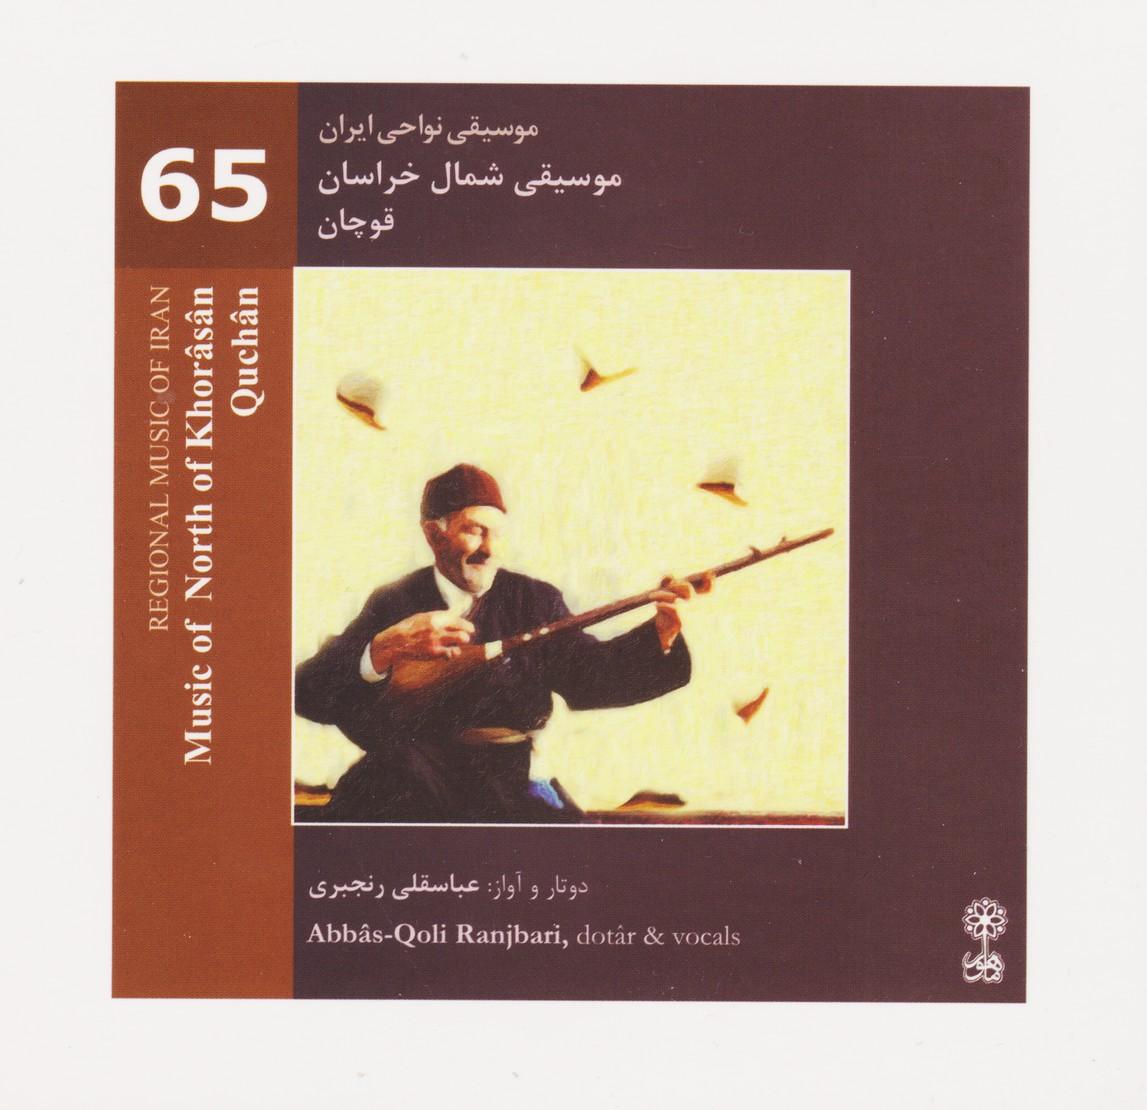 موسیقی شمال خراسان(قوچان): موسیقی نواحی ایران 65